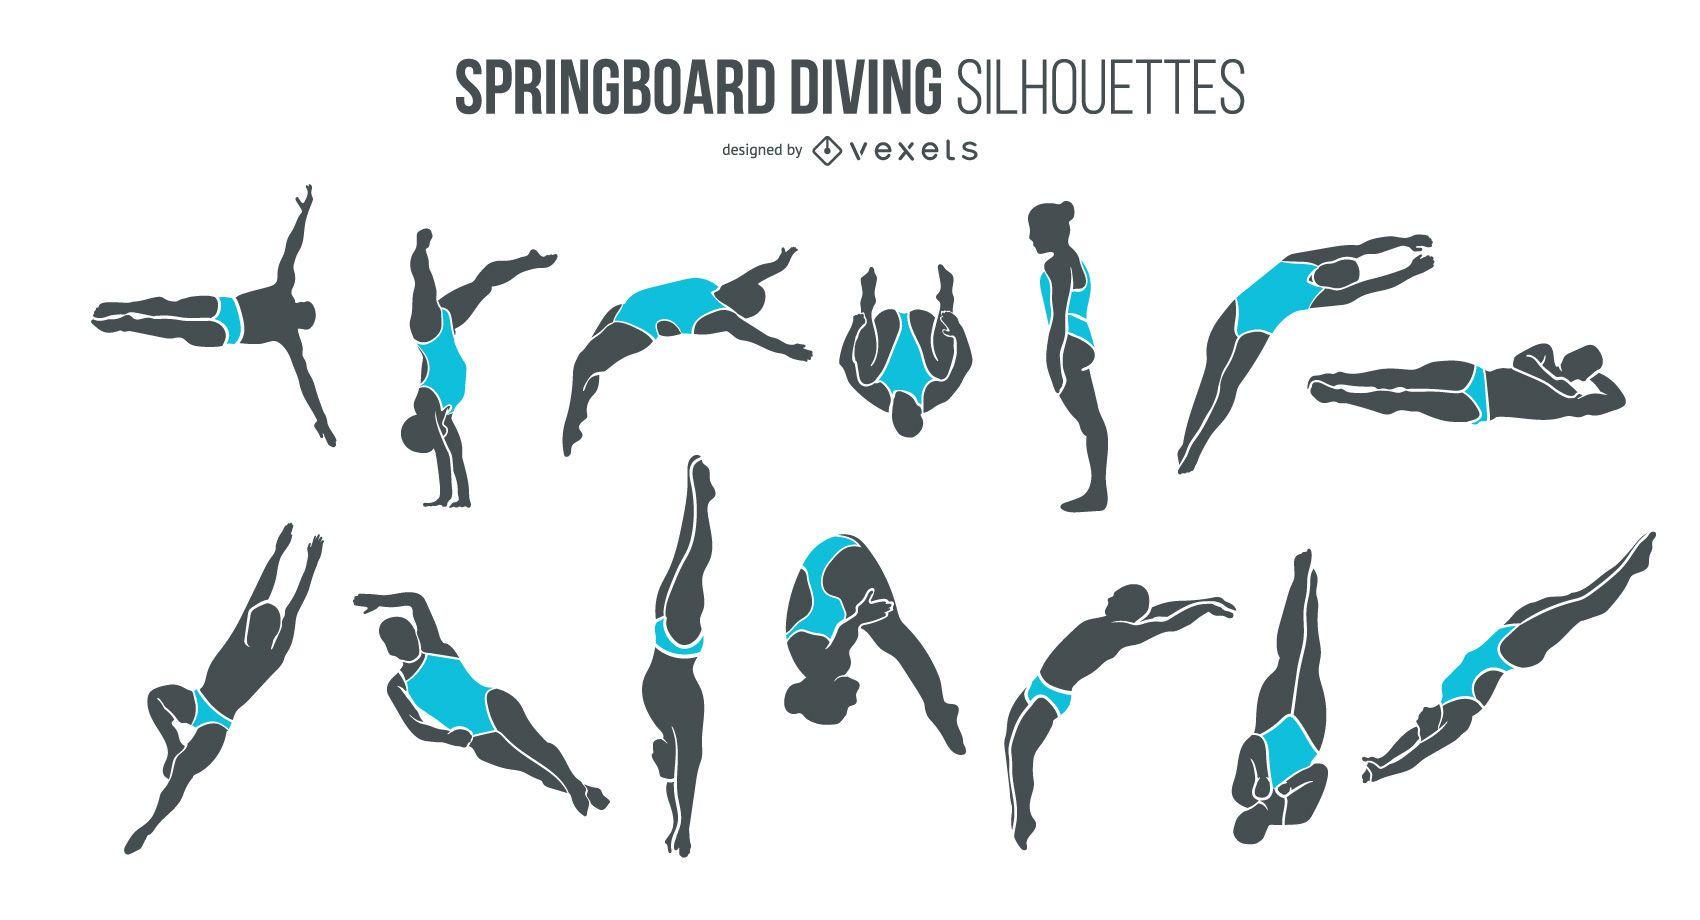 Springboard Diving Silhouette People Pack